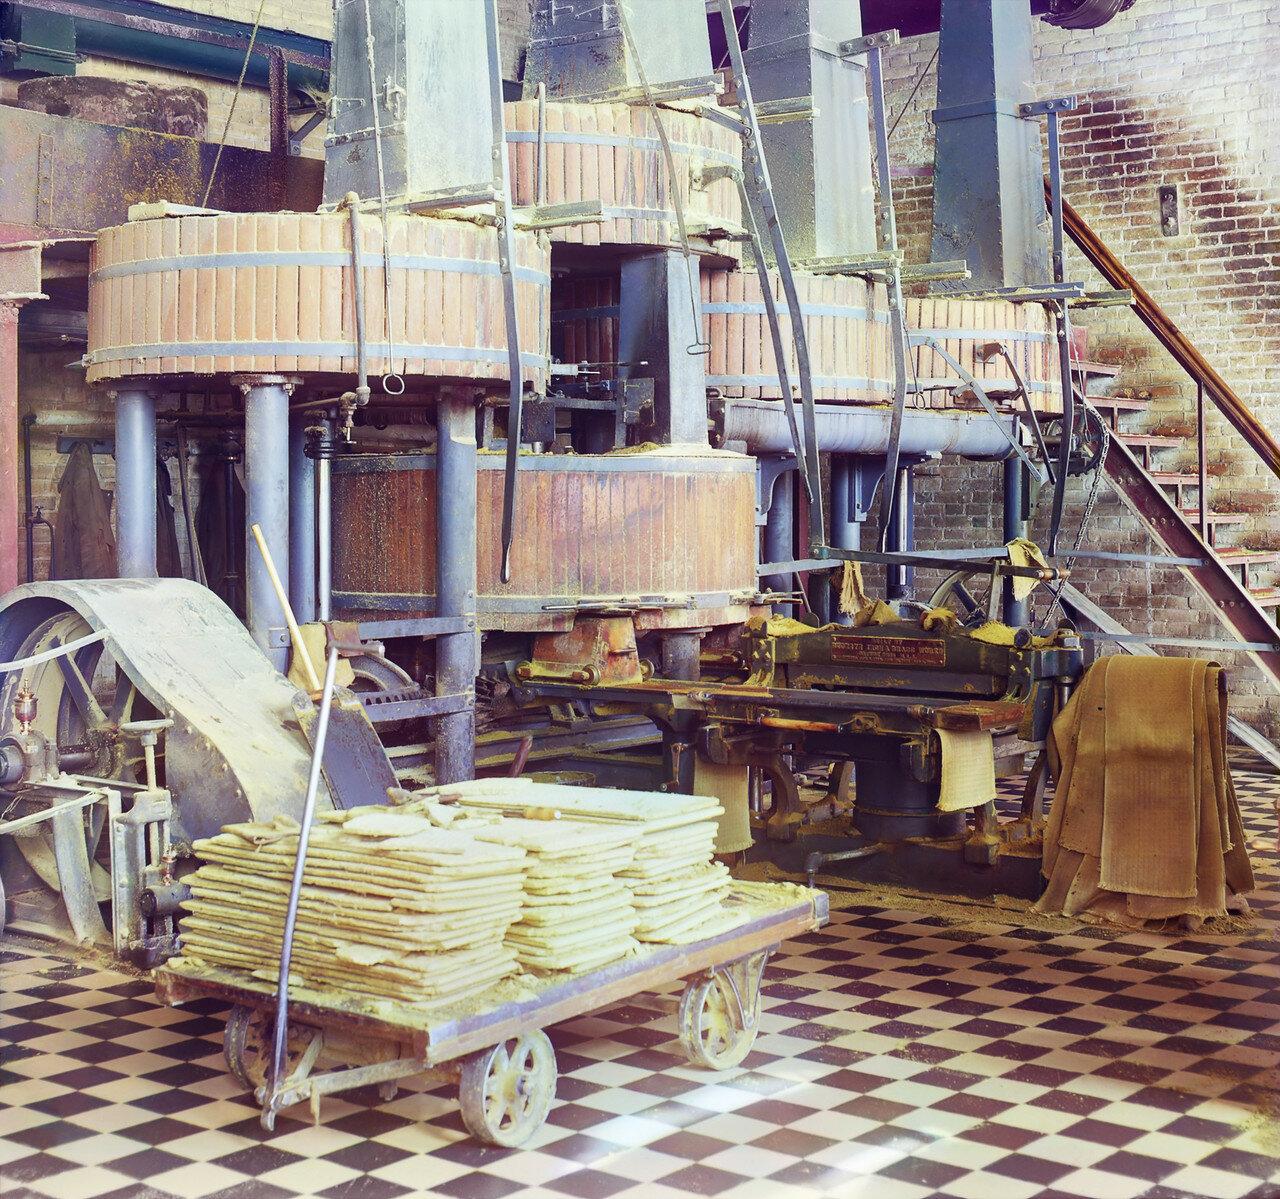 Окрестности Мерва. Байрам-Али. Мургабское имение. Отделение для выделки хлопкового масла